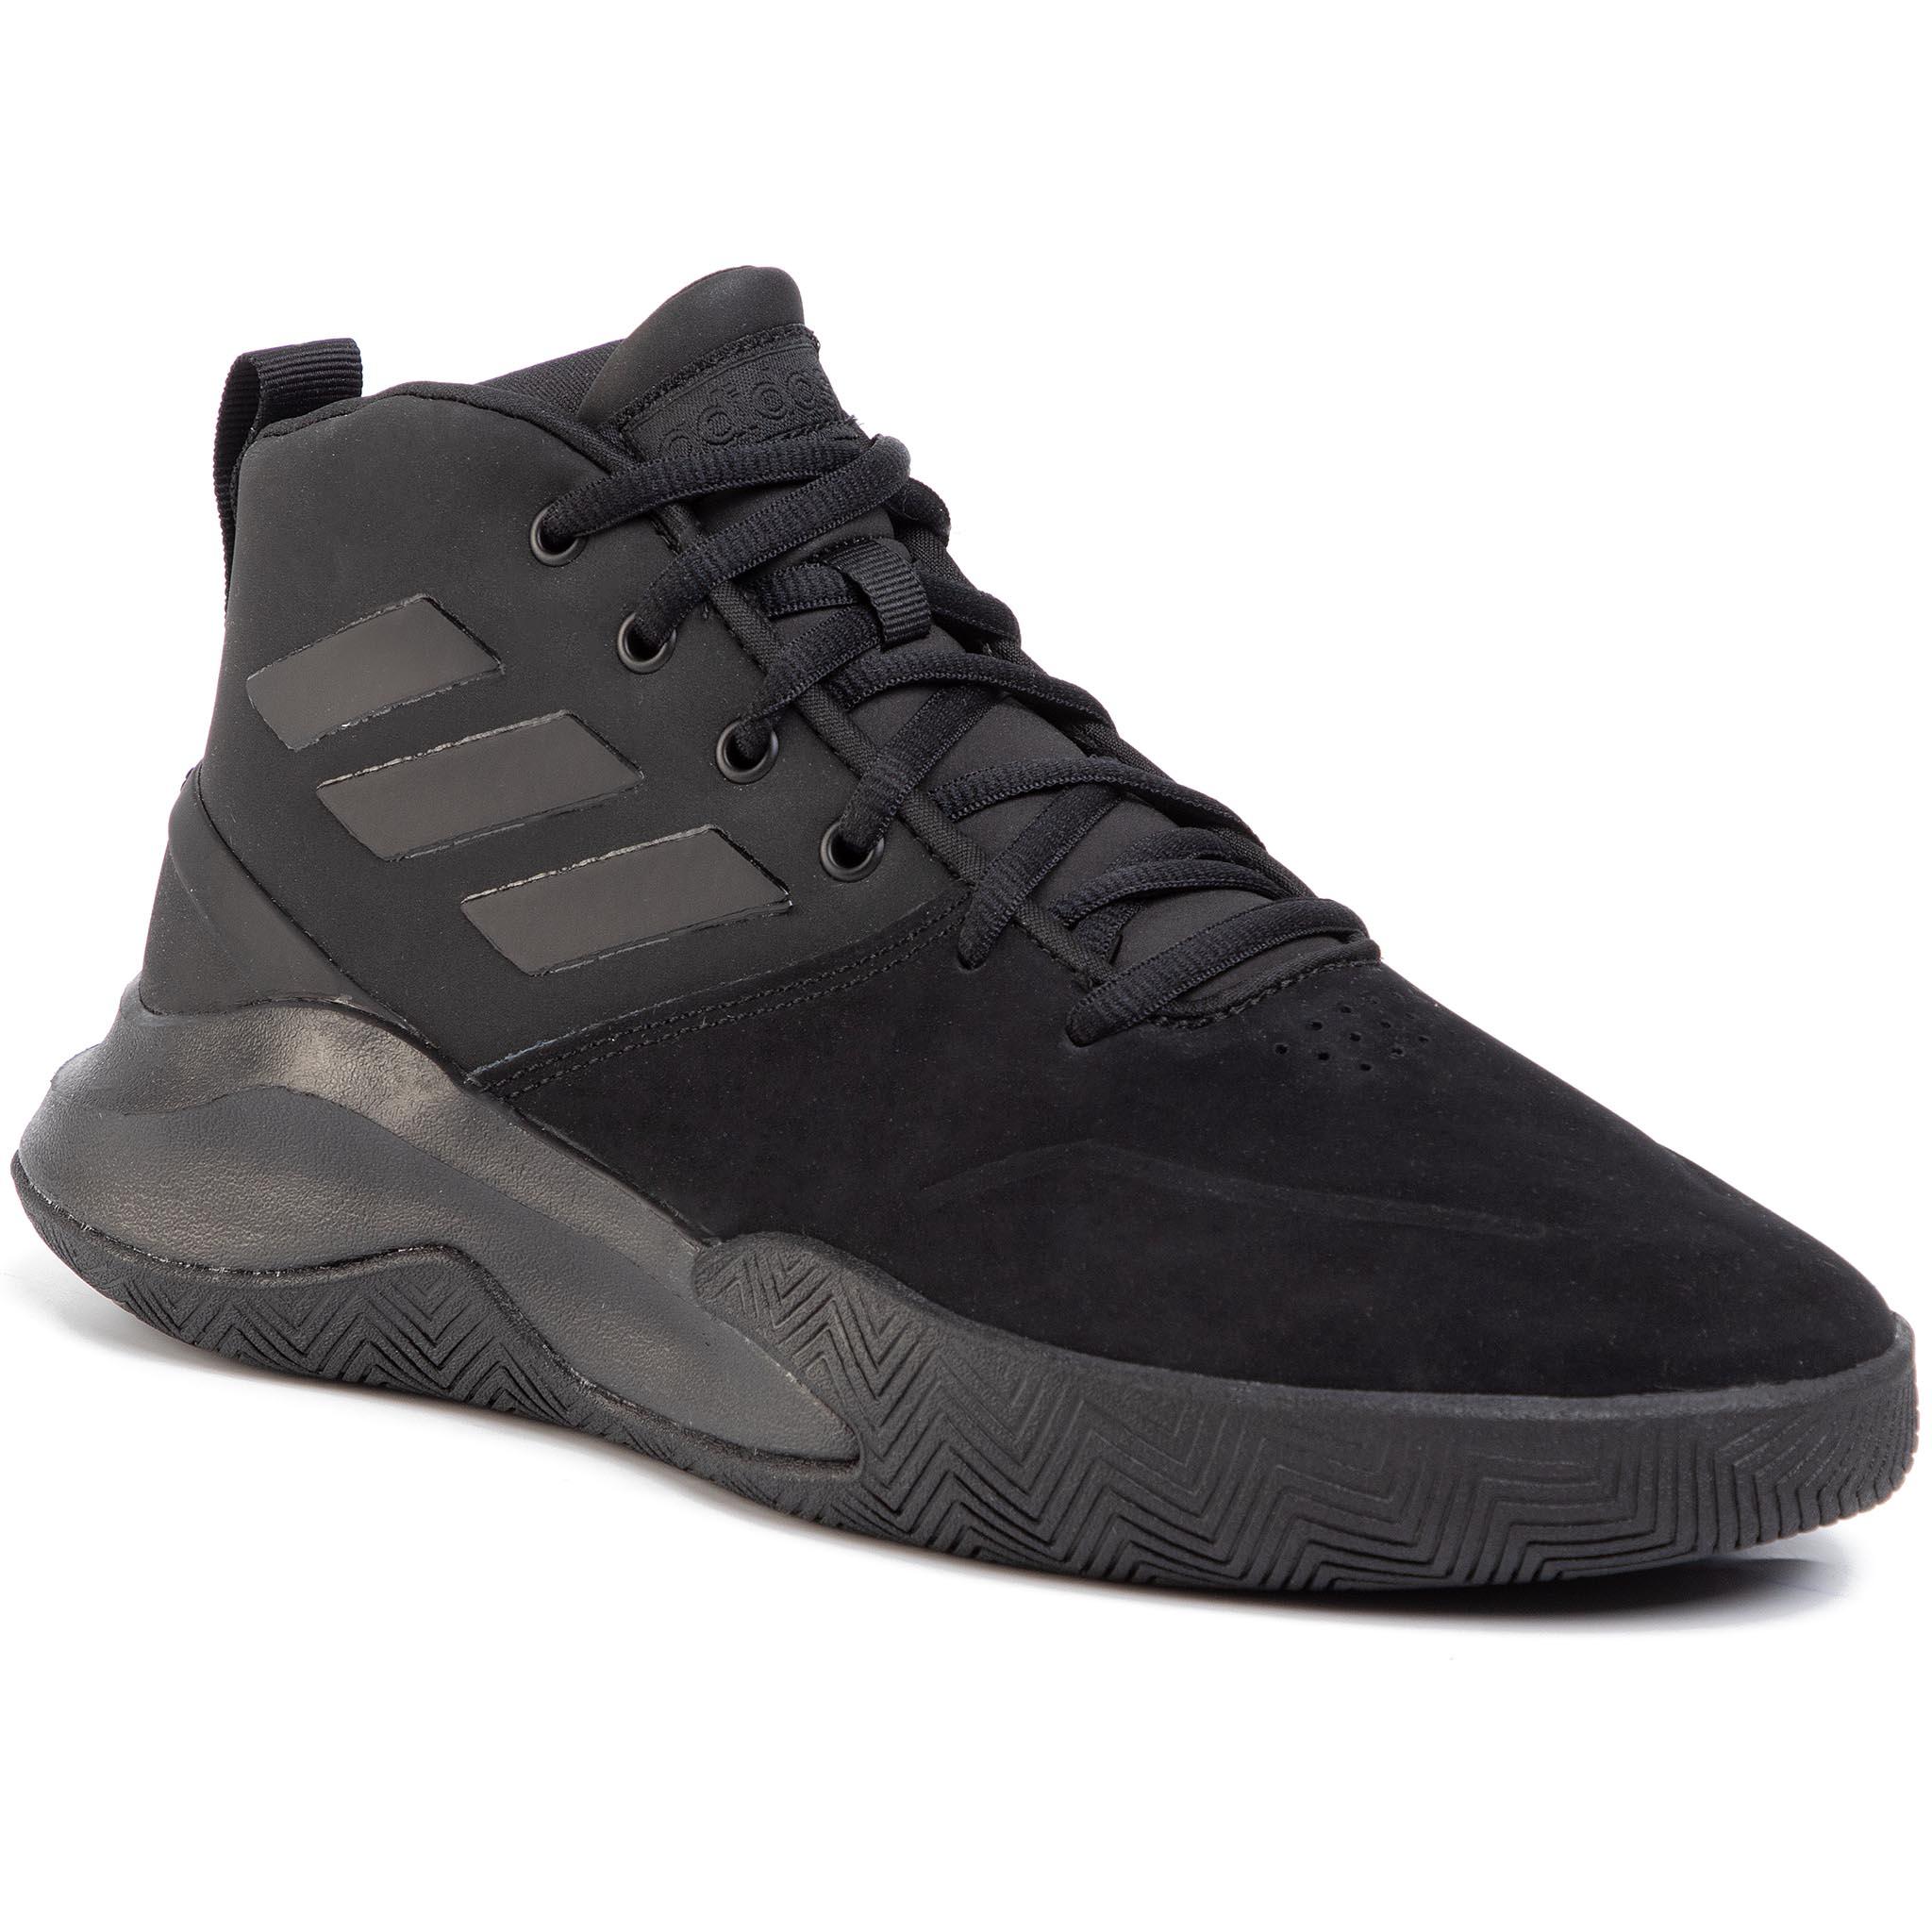 Image of Schuhe adidas - Ownthegame EE9642 Cblack/CblackCblack